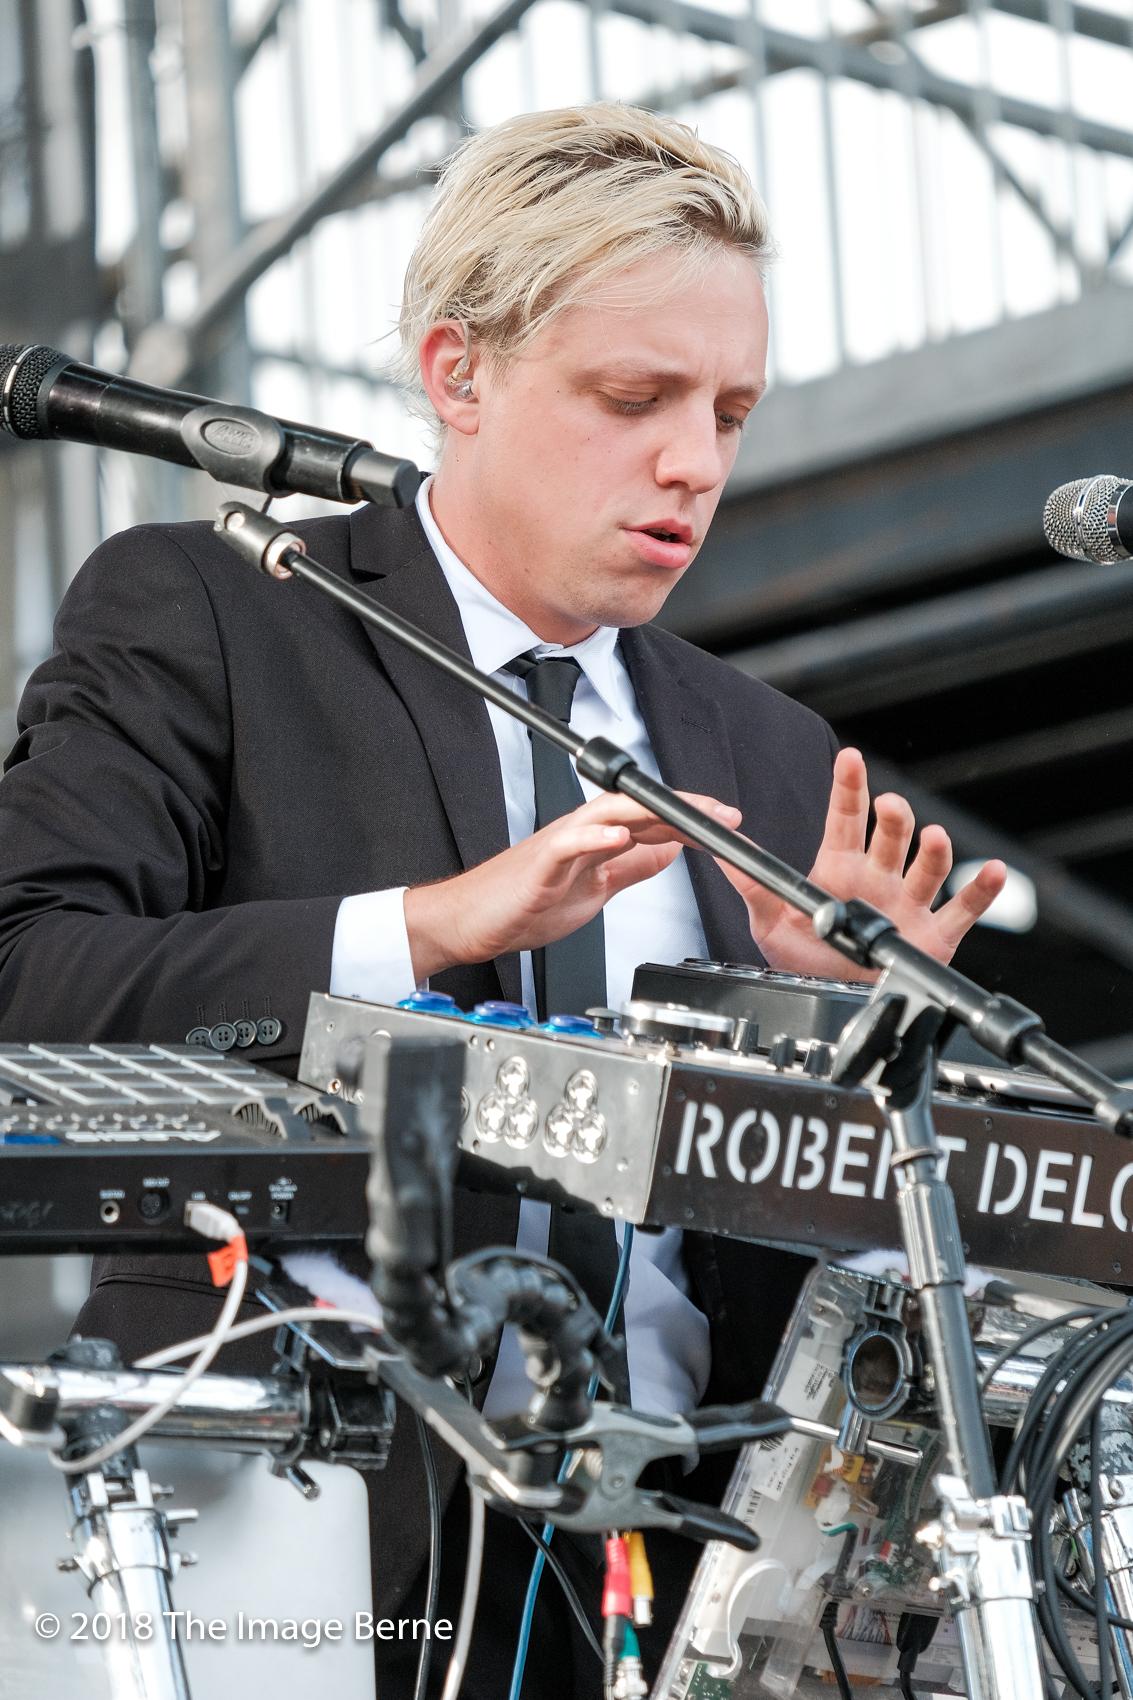 Robert Delong-153.jpg